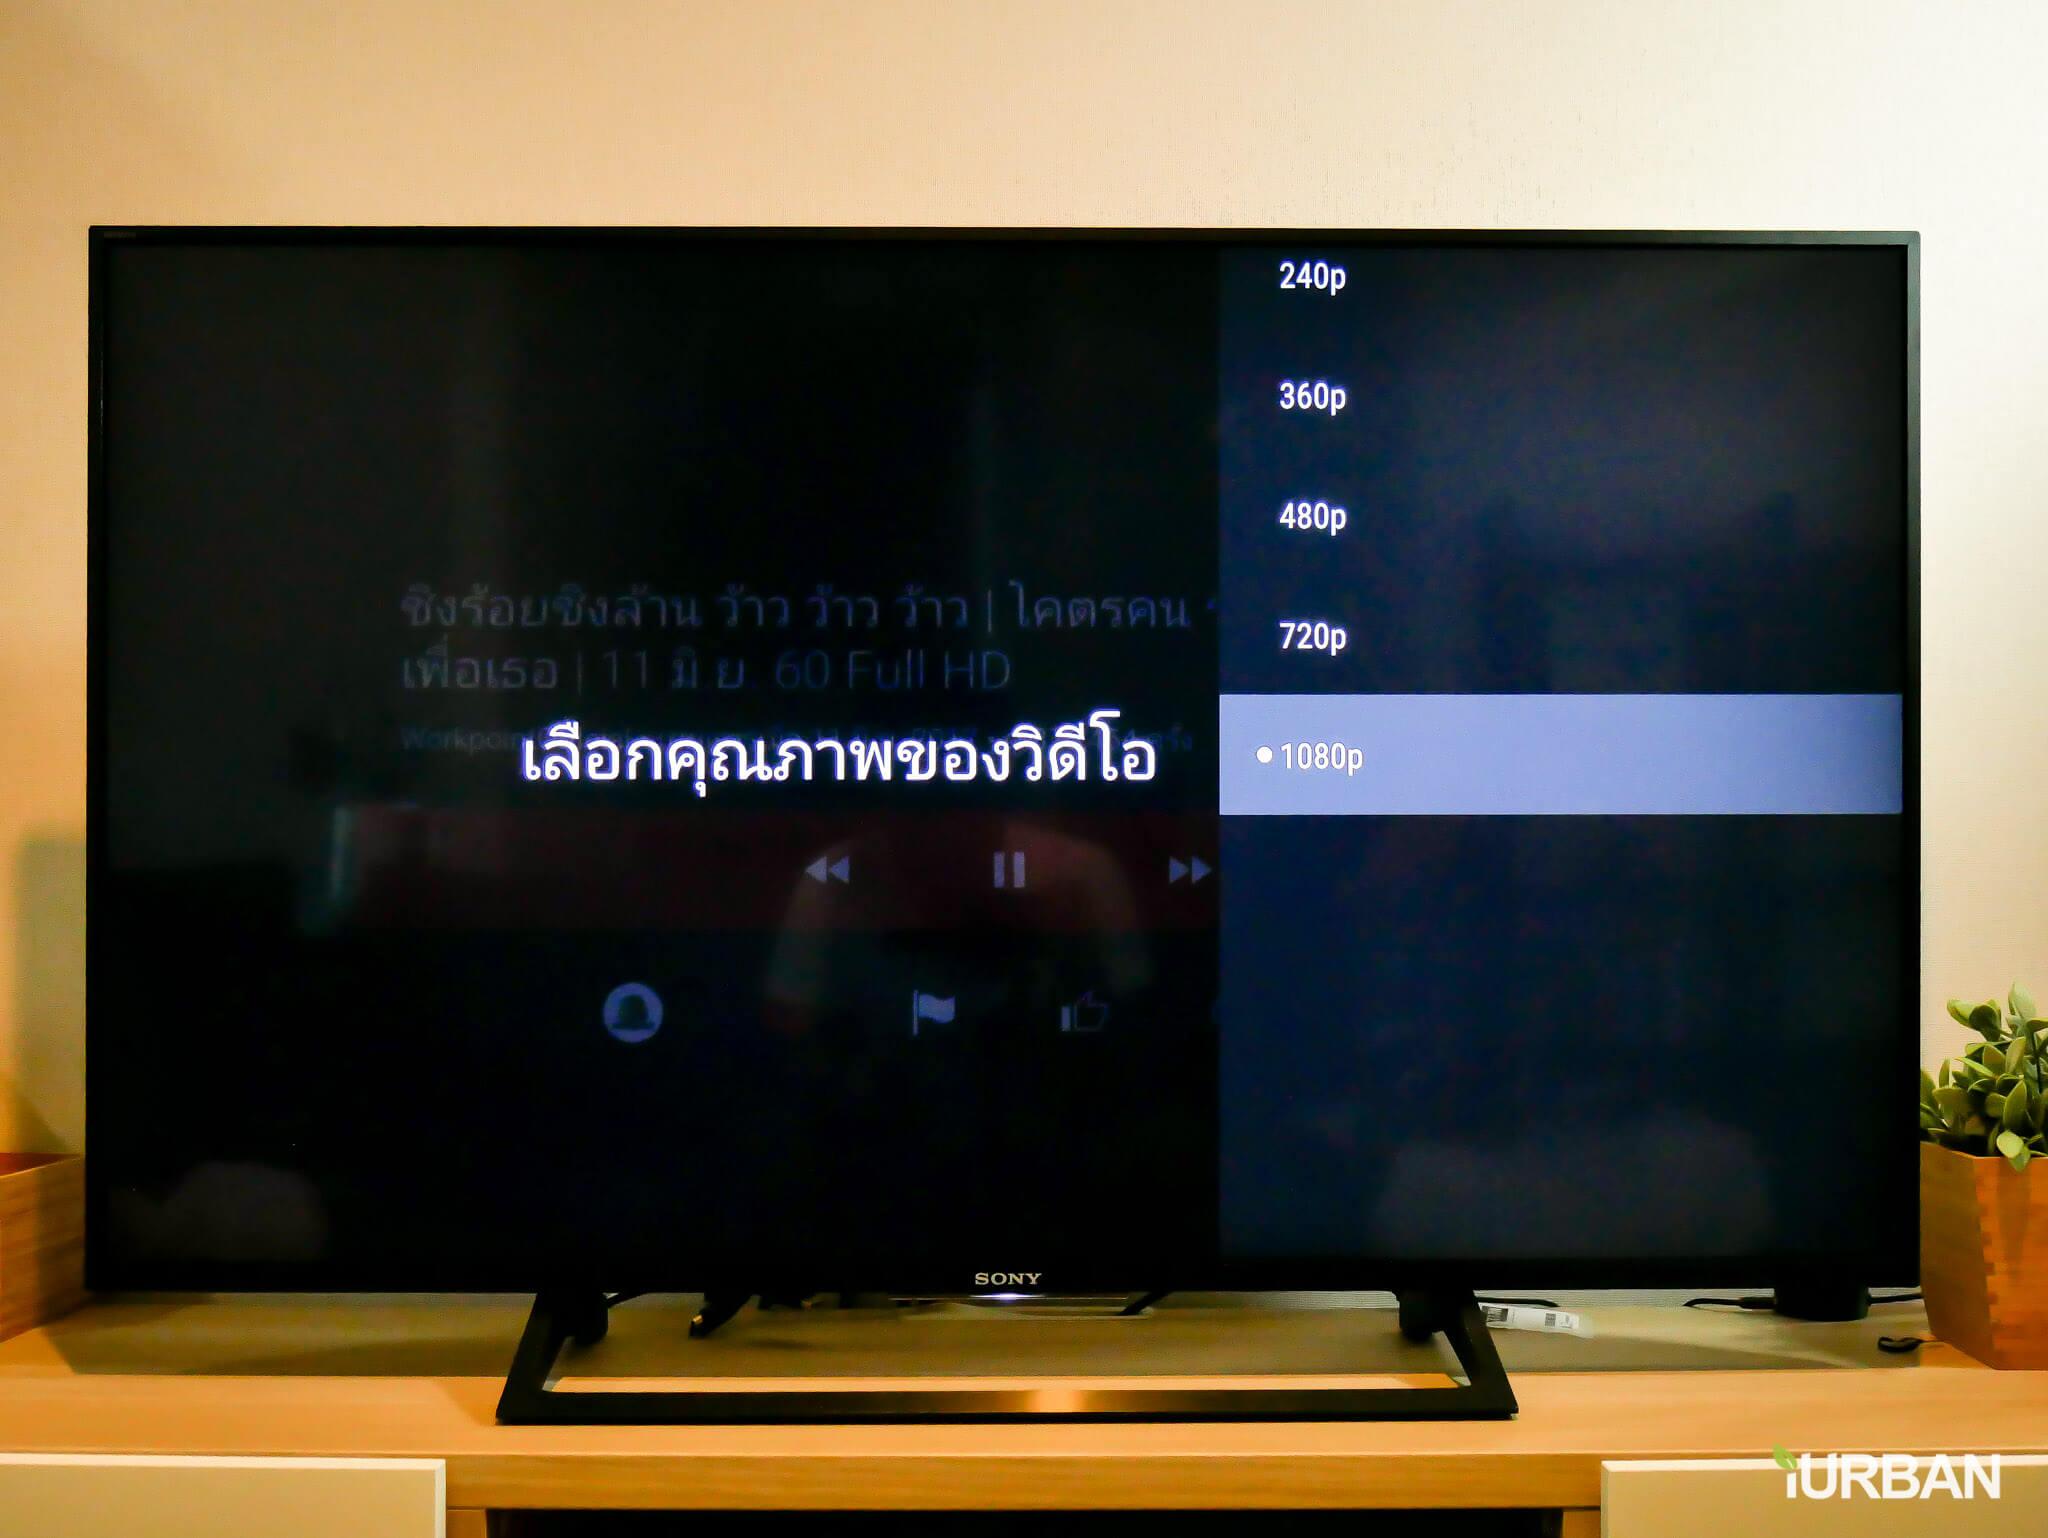 รีวิว SONY Android TV รุ่น X8000E งบ 26,990 แต่สเปค 4K HDR เชื่อมโลก Social กับทีวีอย่างสมบูรณ์แบบ 47 - Android